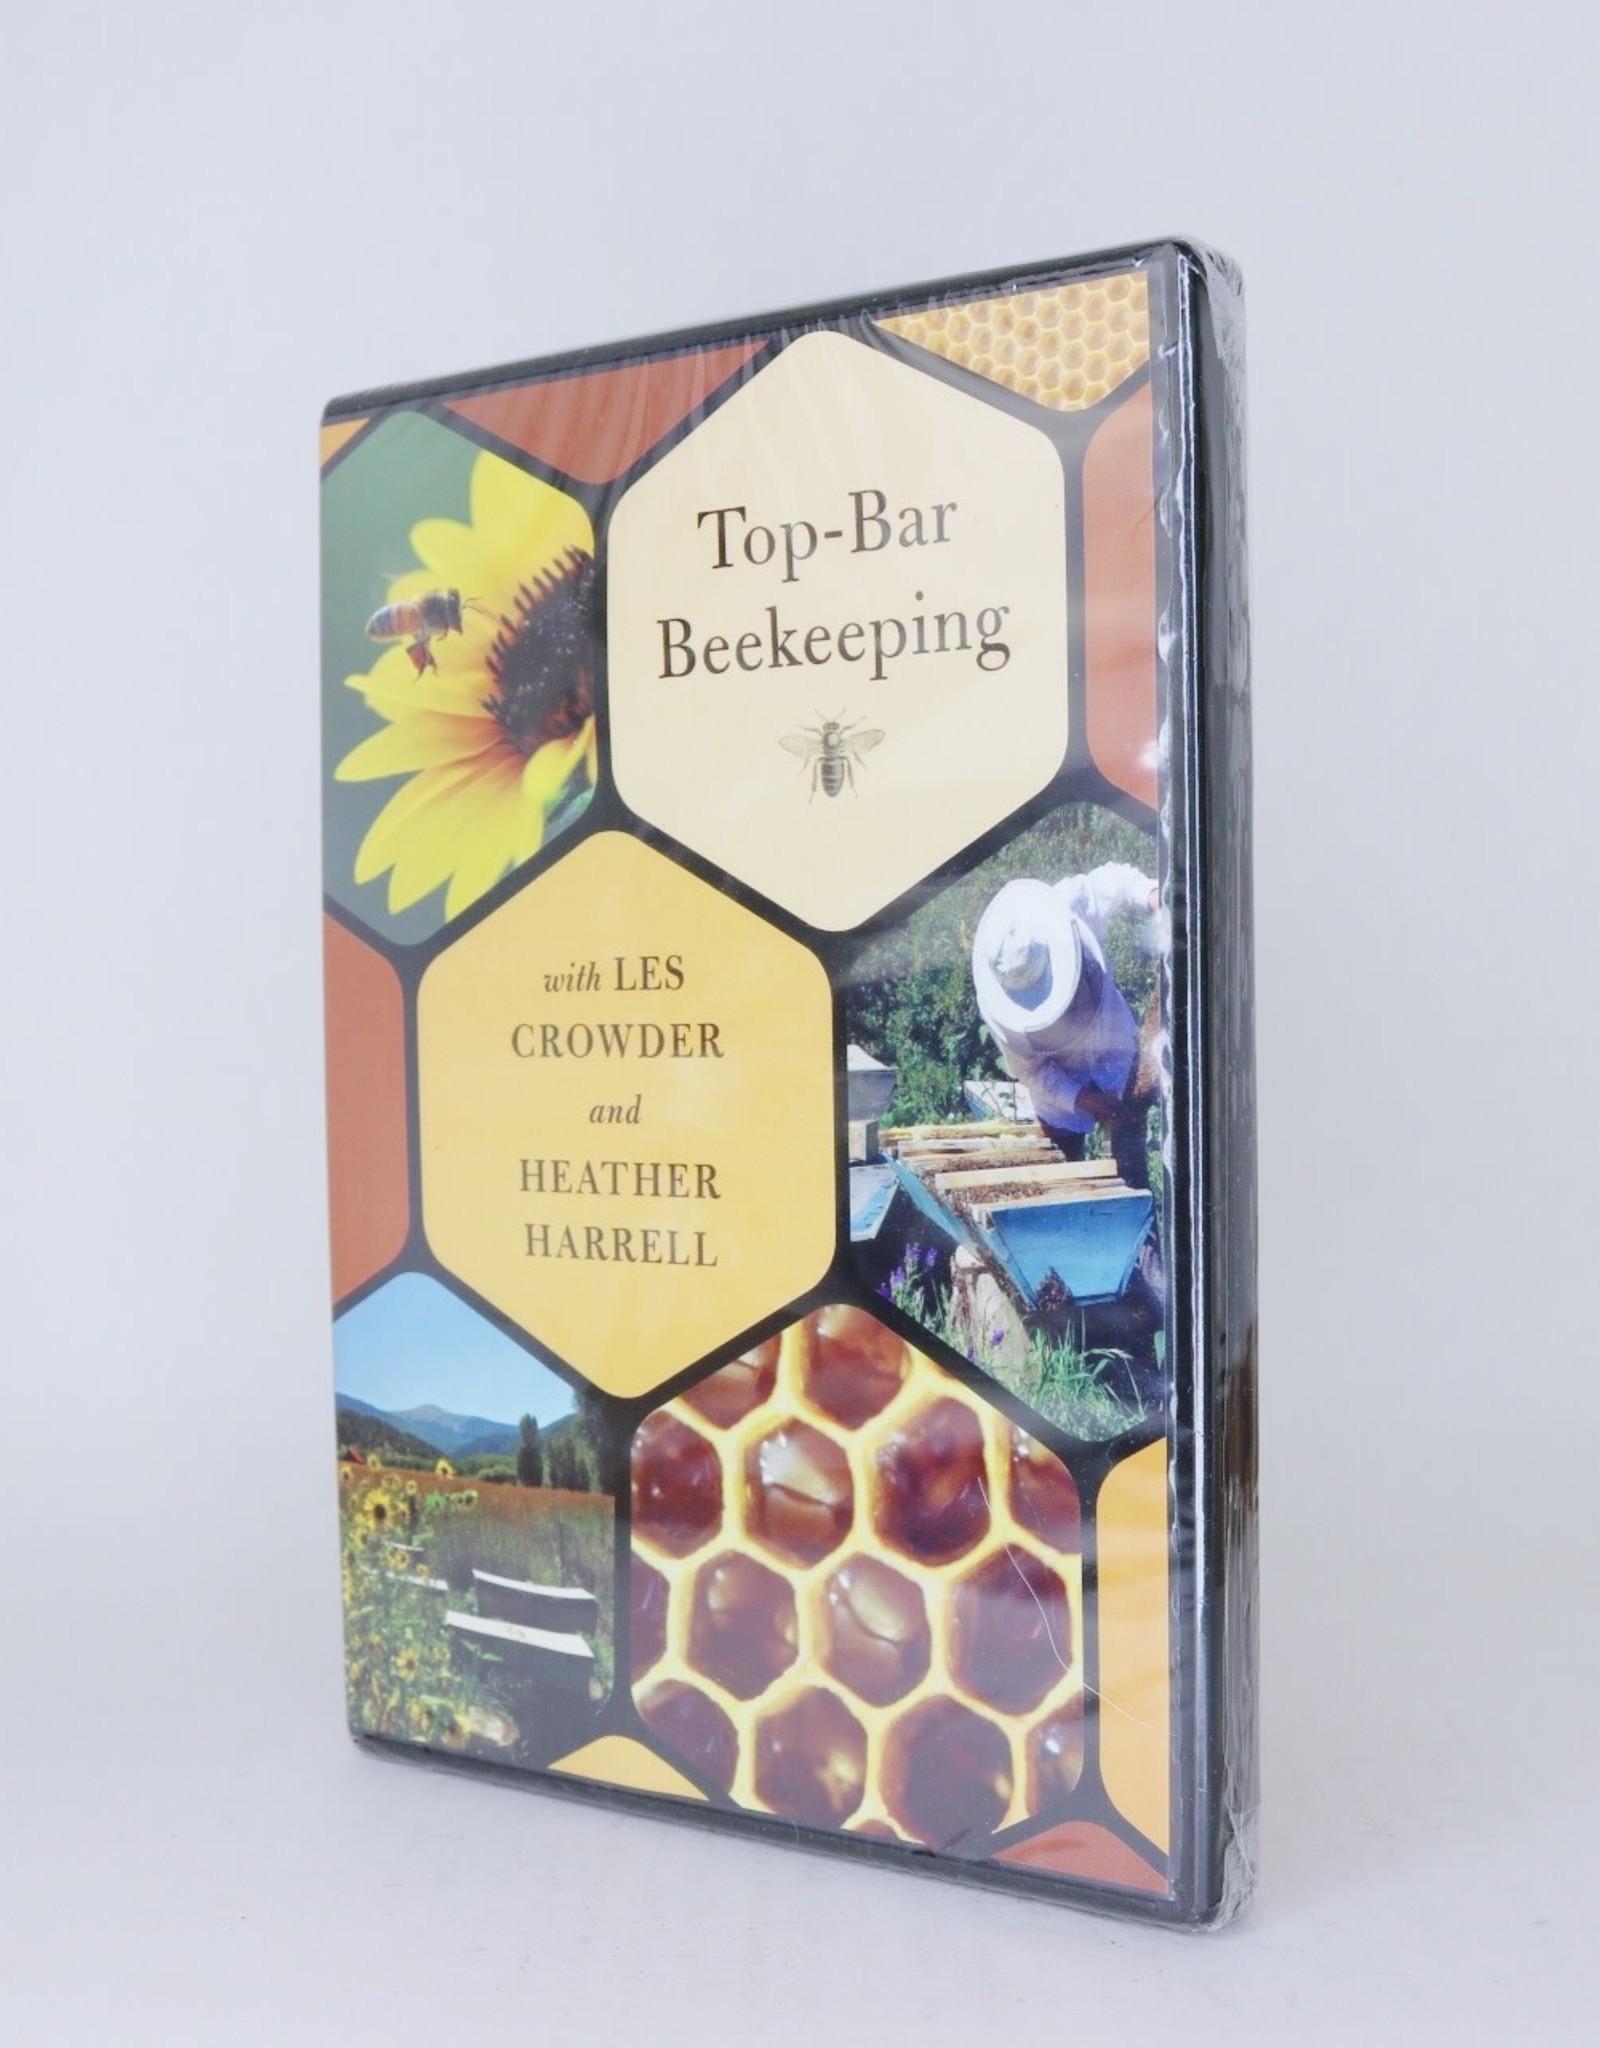 Top-Bar, DVD